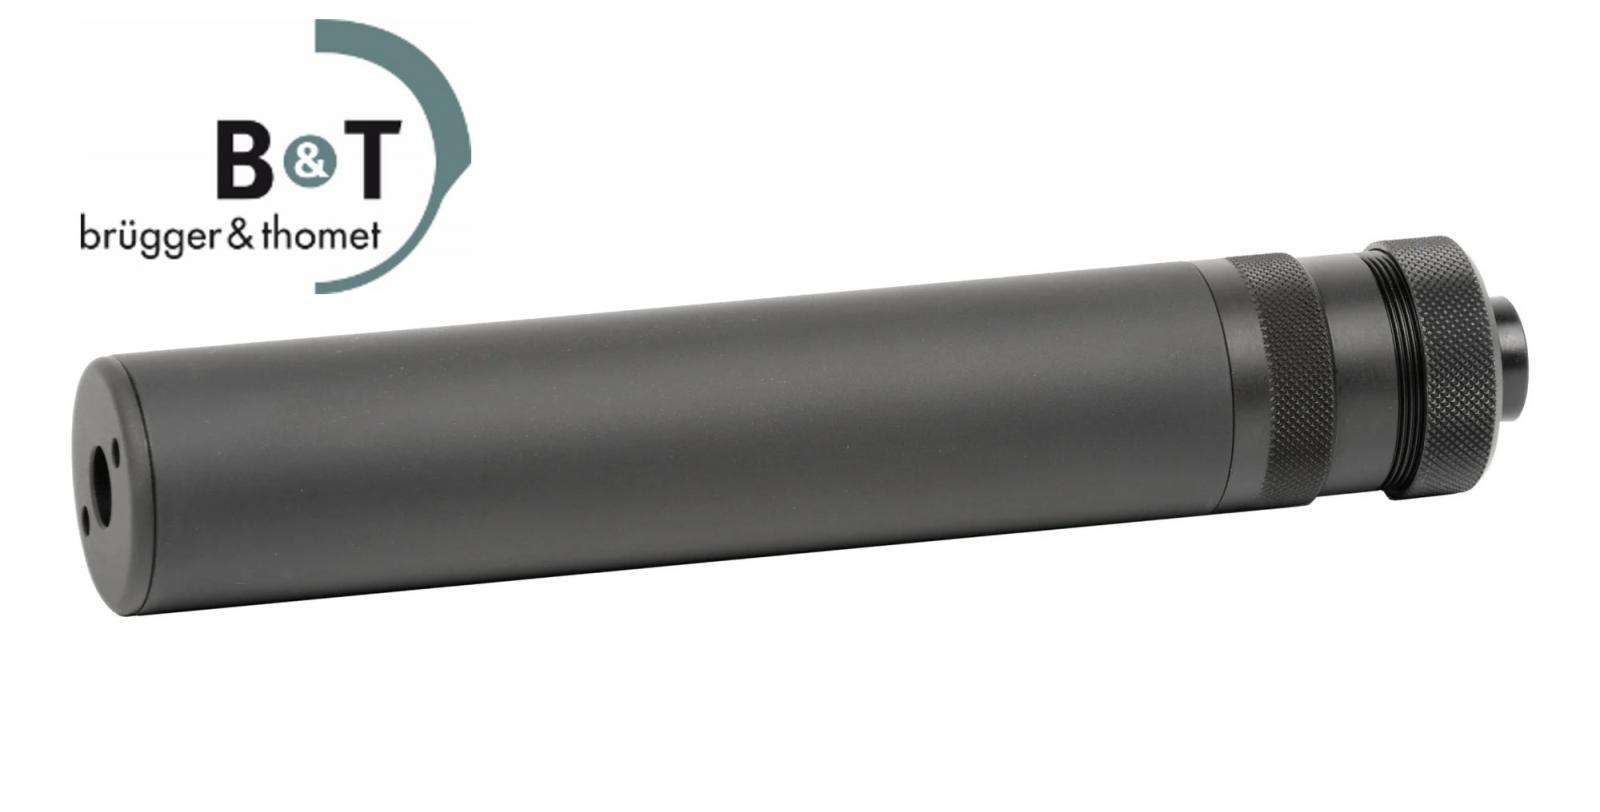 Silencieux BRUGGER & THOMET IMPULS-IIA pour CZ 75 SP-01 Cal 9mm